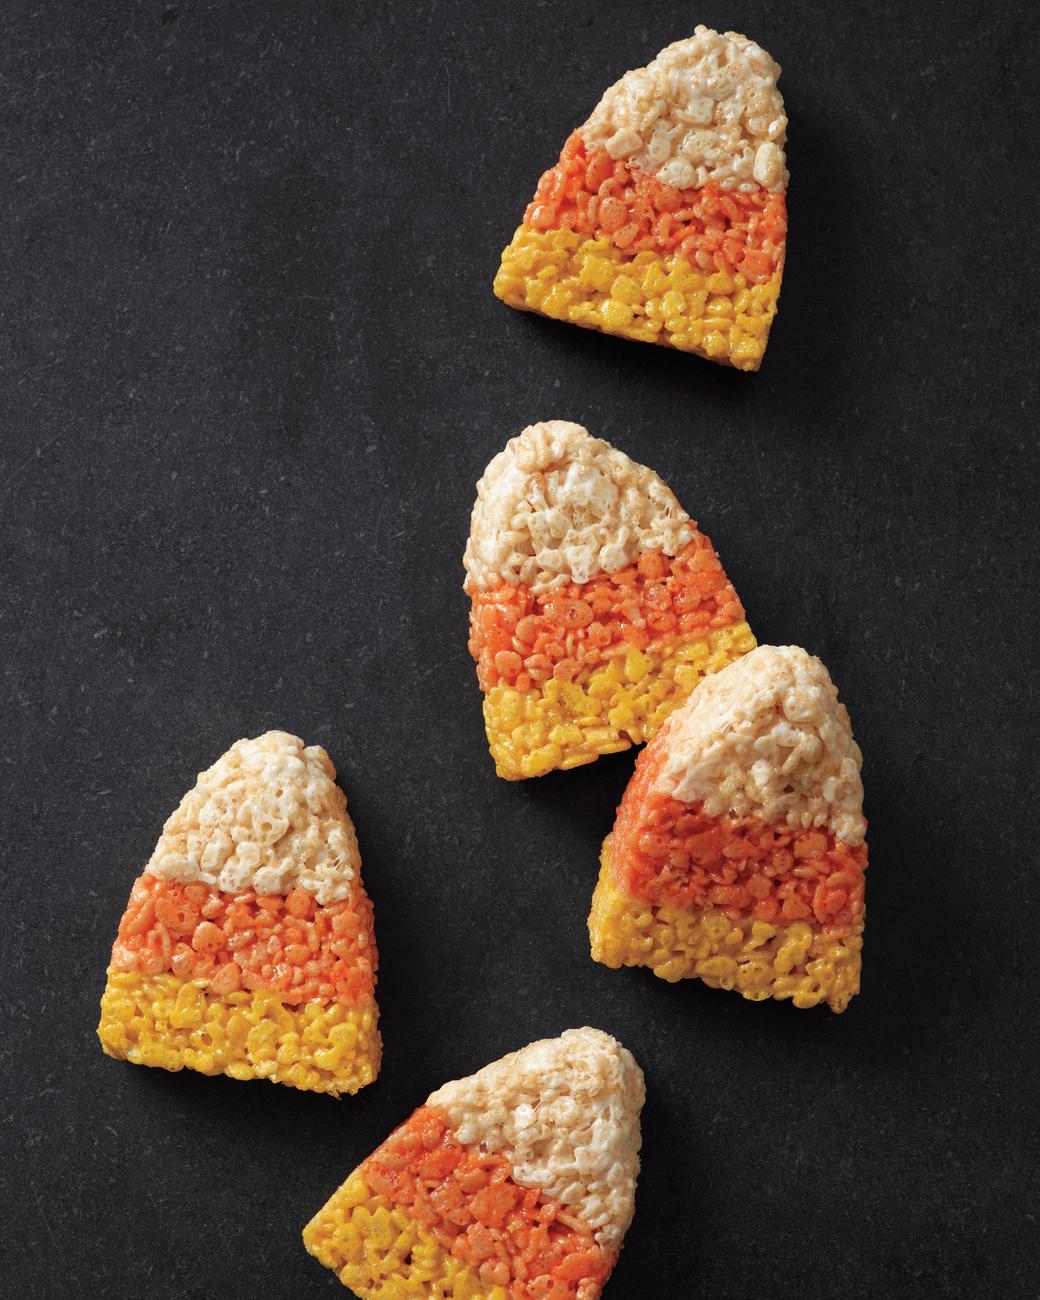 sweet-spot-crisp-candy-corn-treats-001a-med108875_vert.jpg